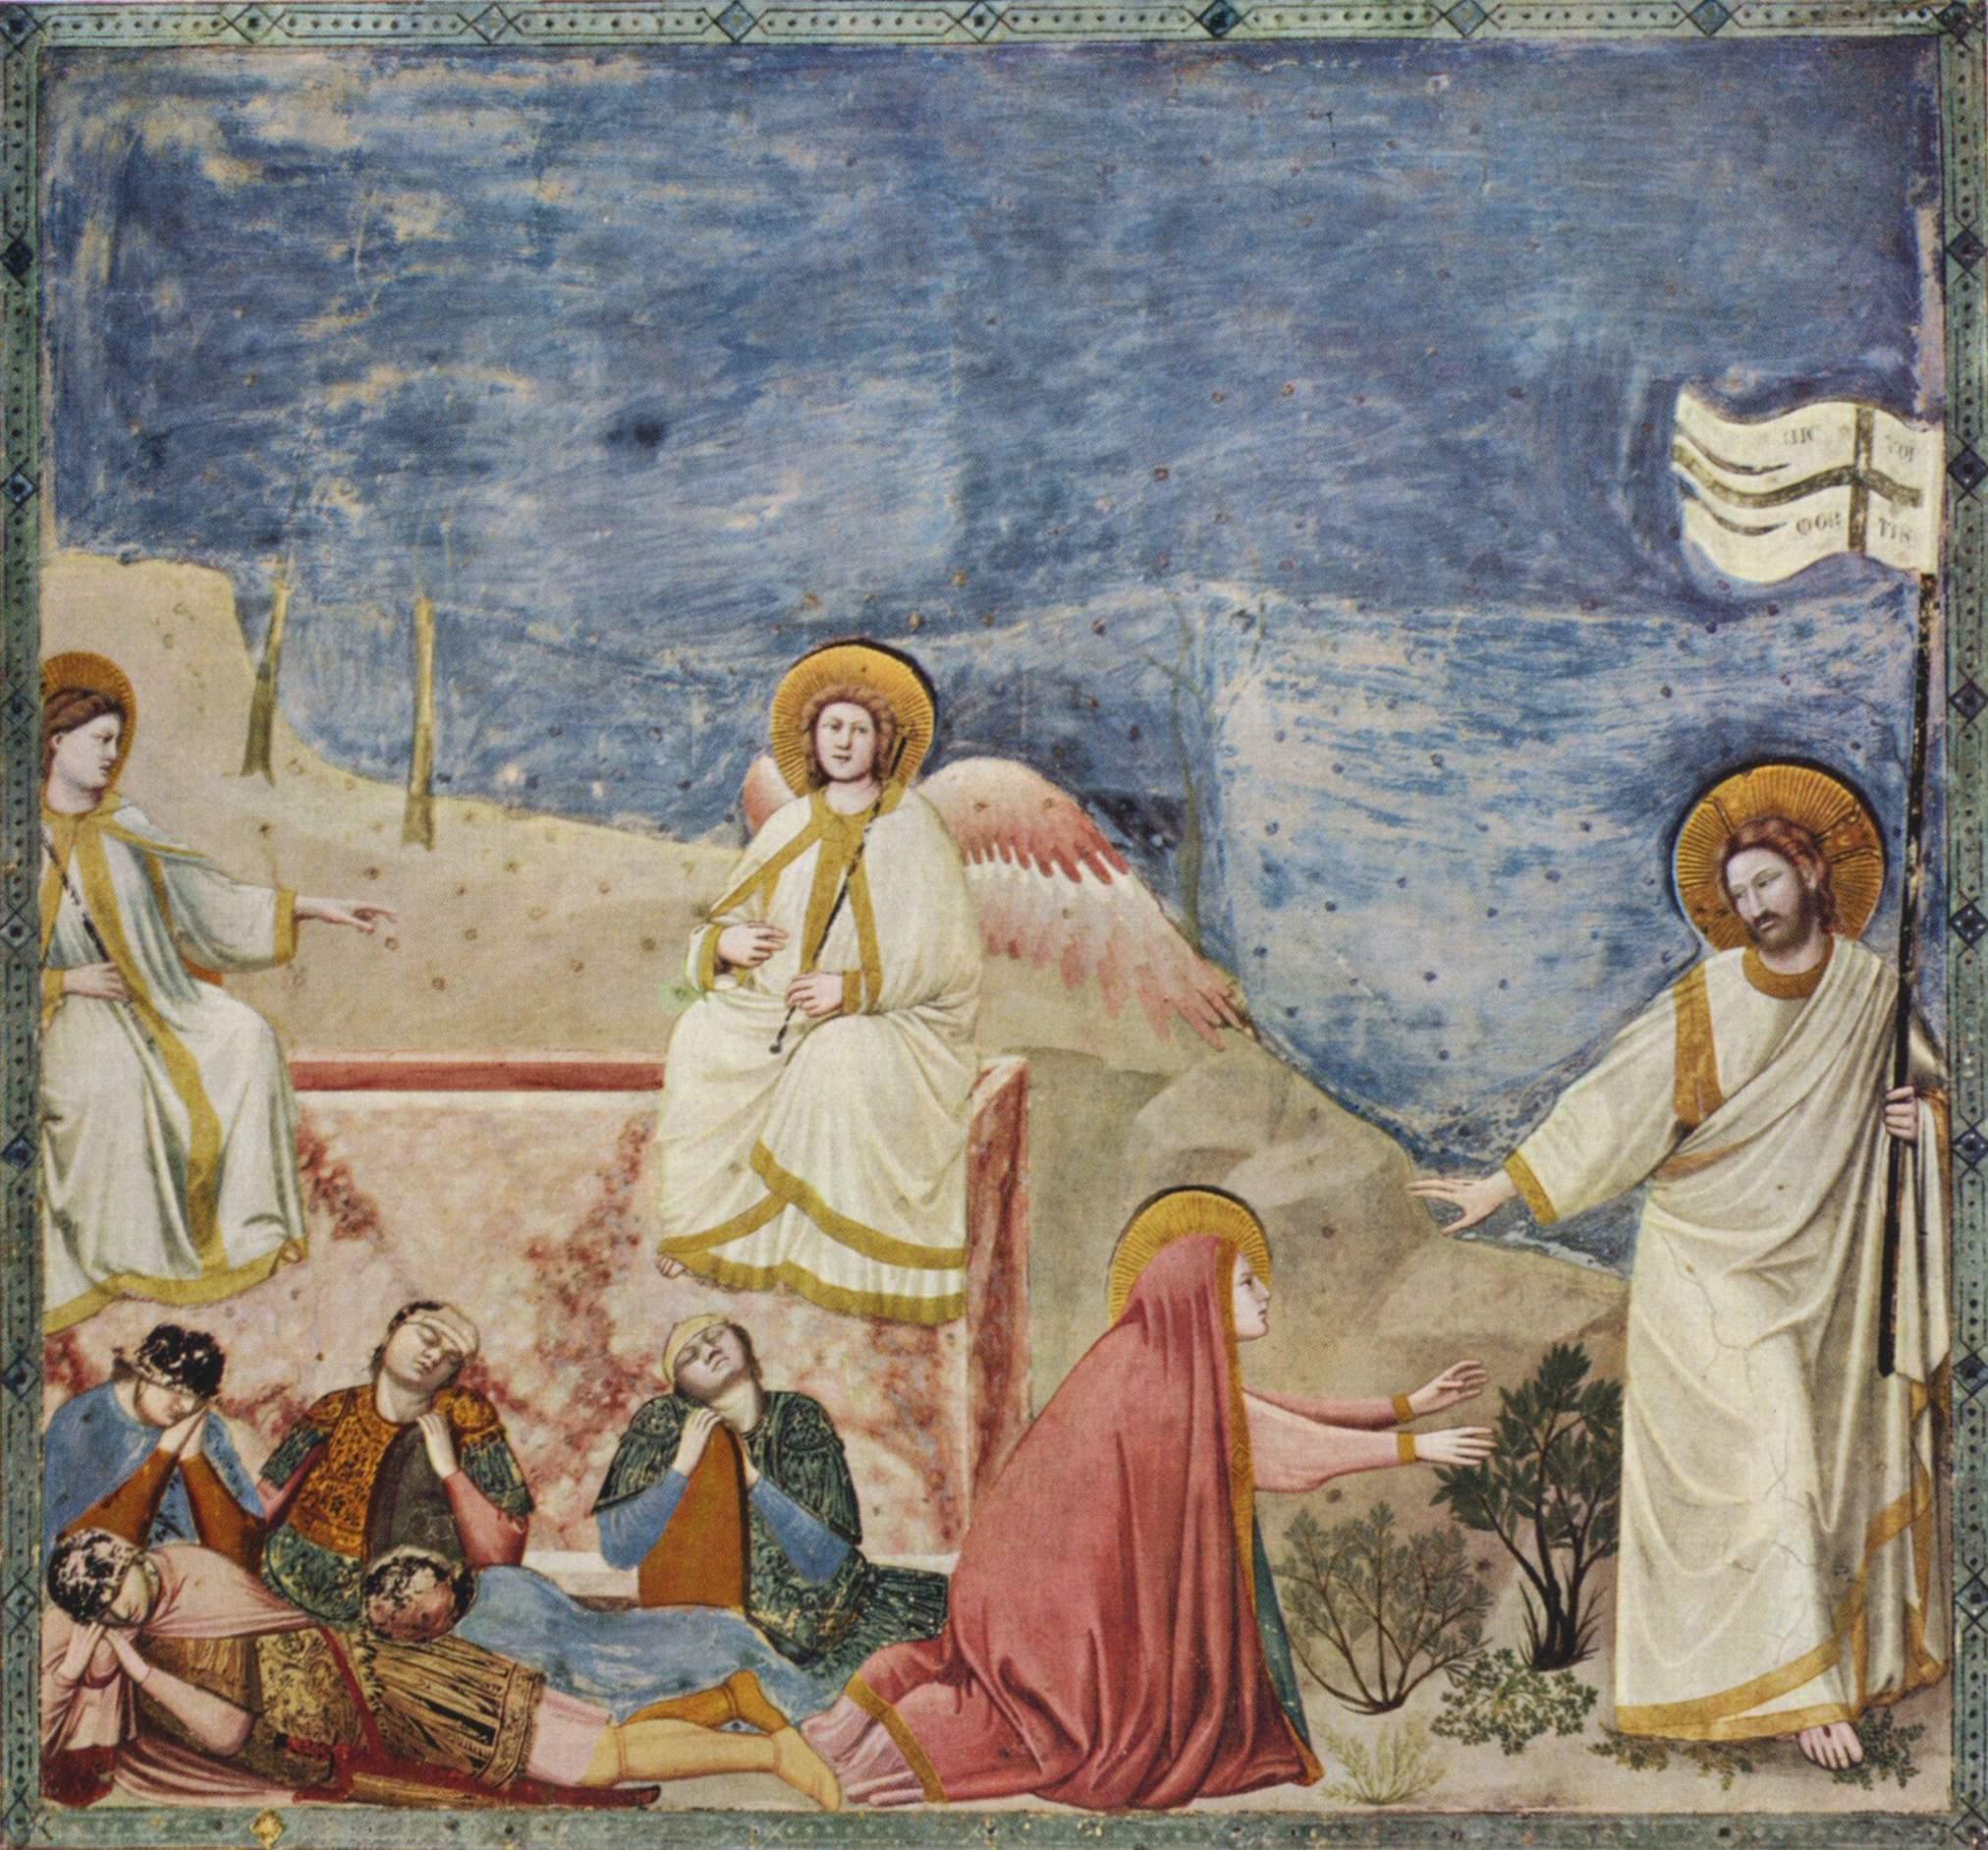 Цикл фресок капеллы Арена [231] в Падуе (капелла Скровеньи). Оплакивание Христа, Джотто ди Бондоне